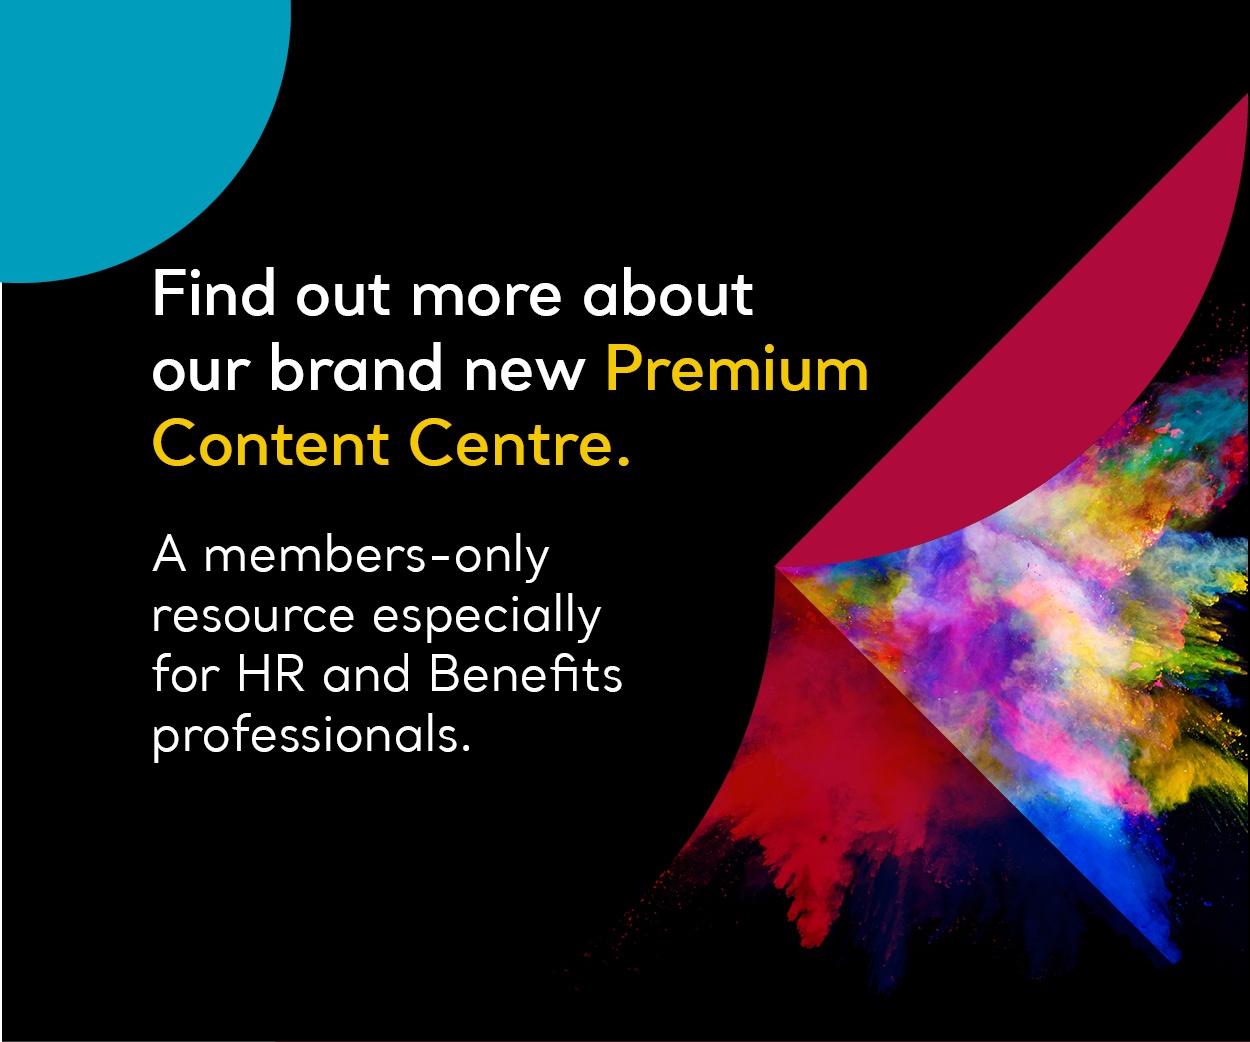 Premium-content-centre-aspire